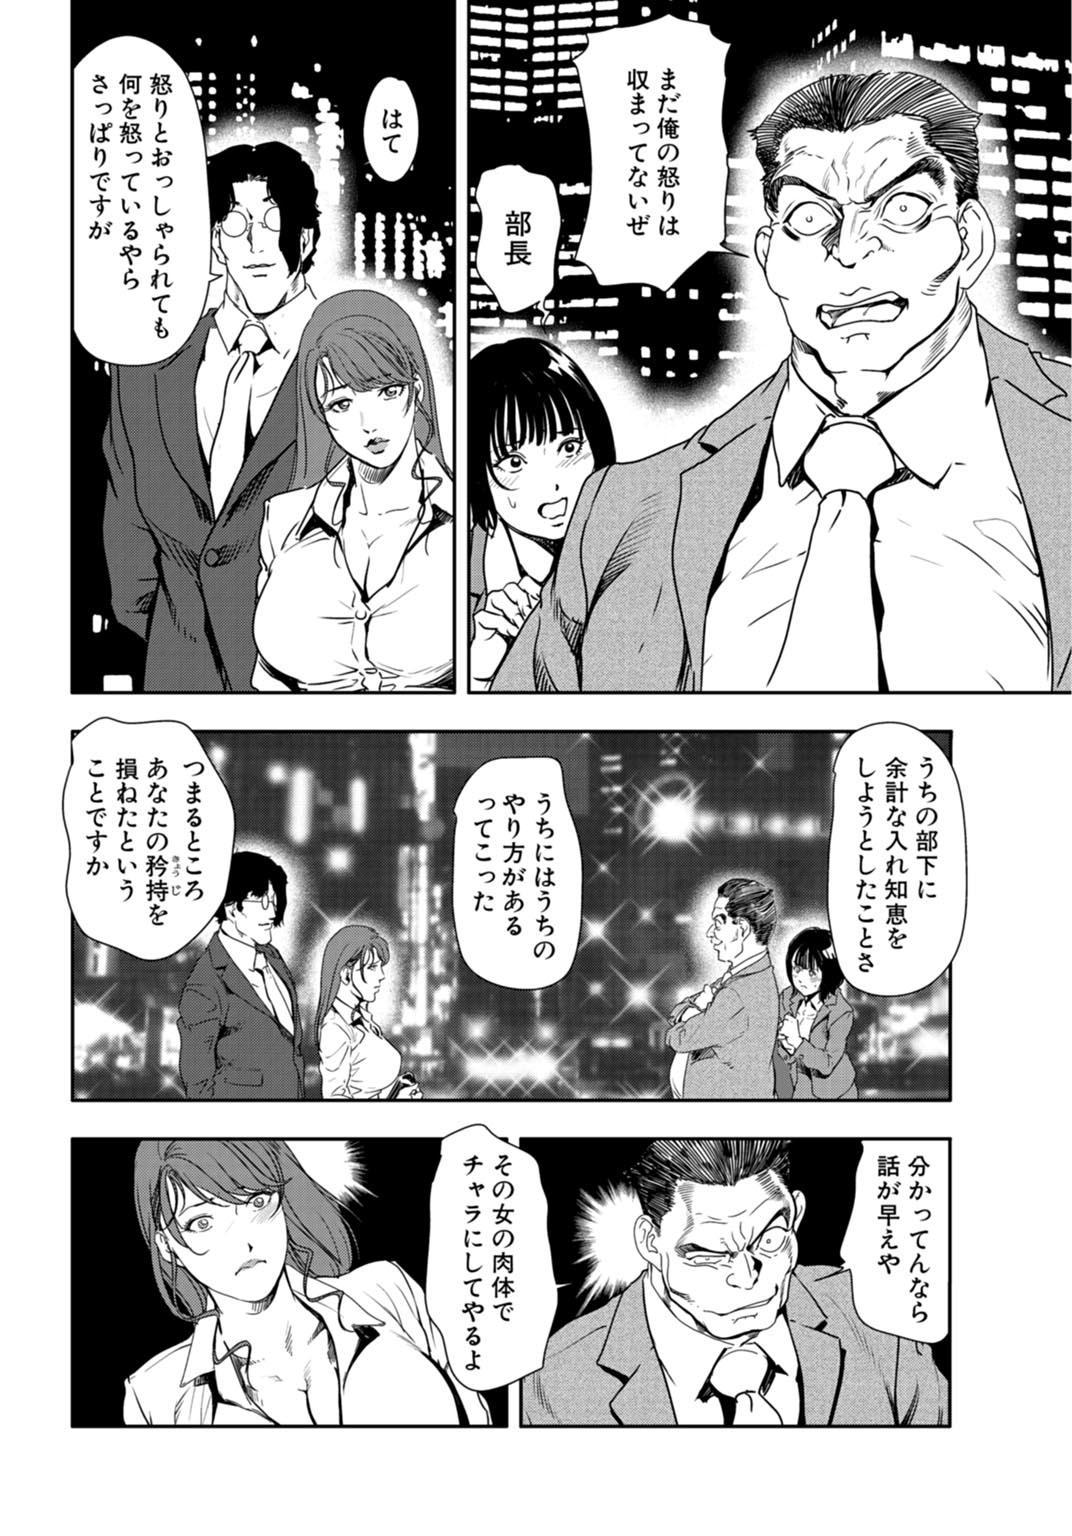 Nikuhisyo Yukiko 25 74